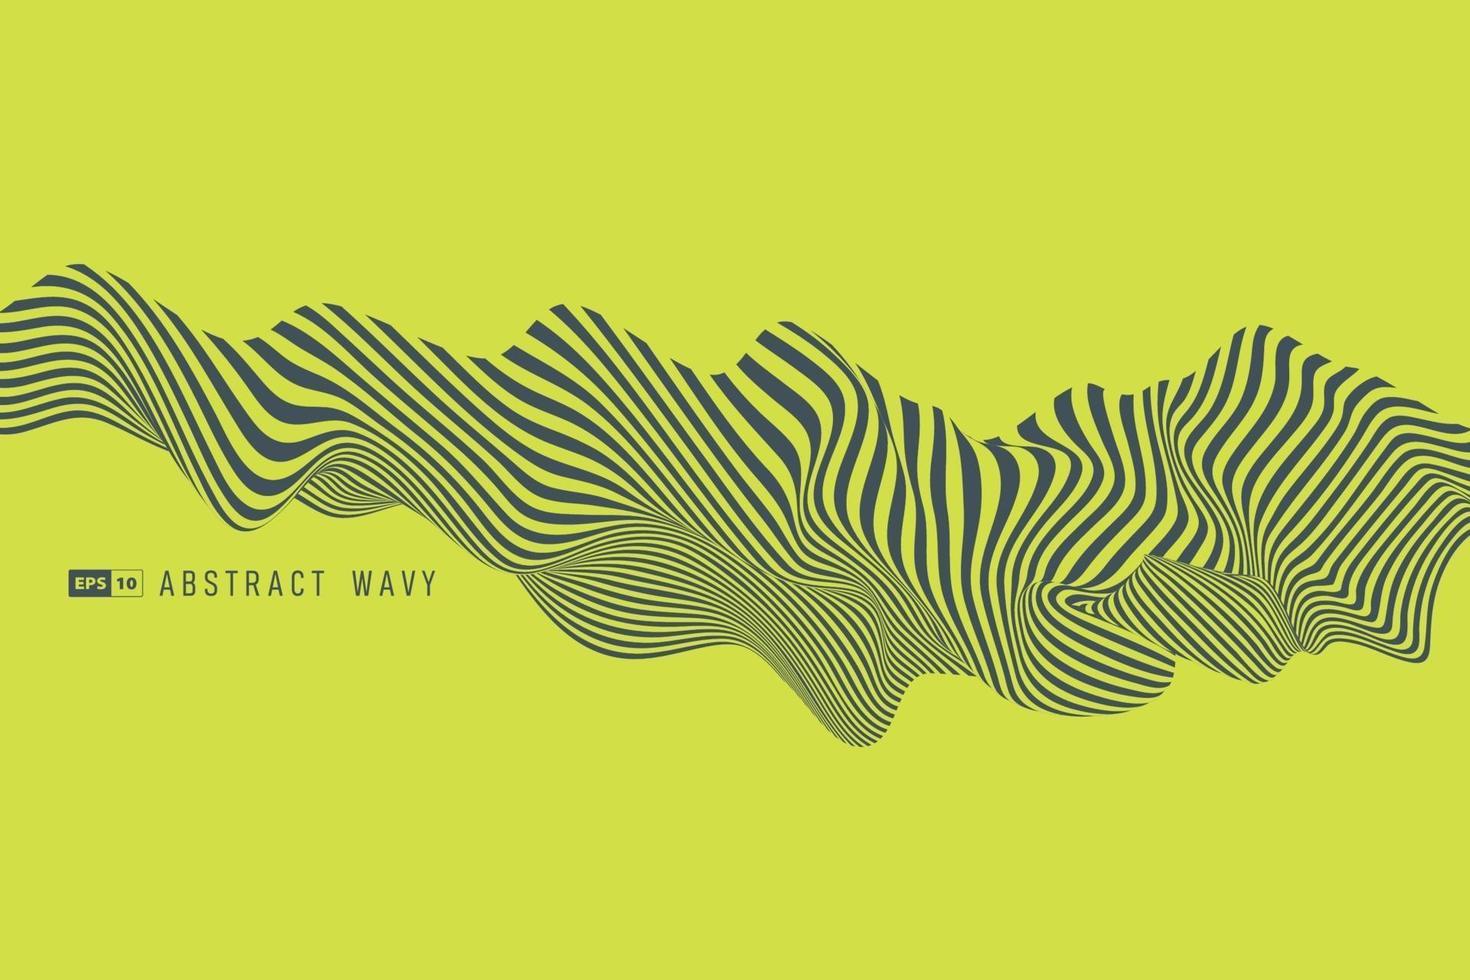 abstrakt trendiga gröna vågiga mönster konstverk bakgrund. illustration vektor eps10